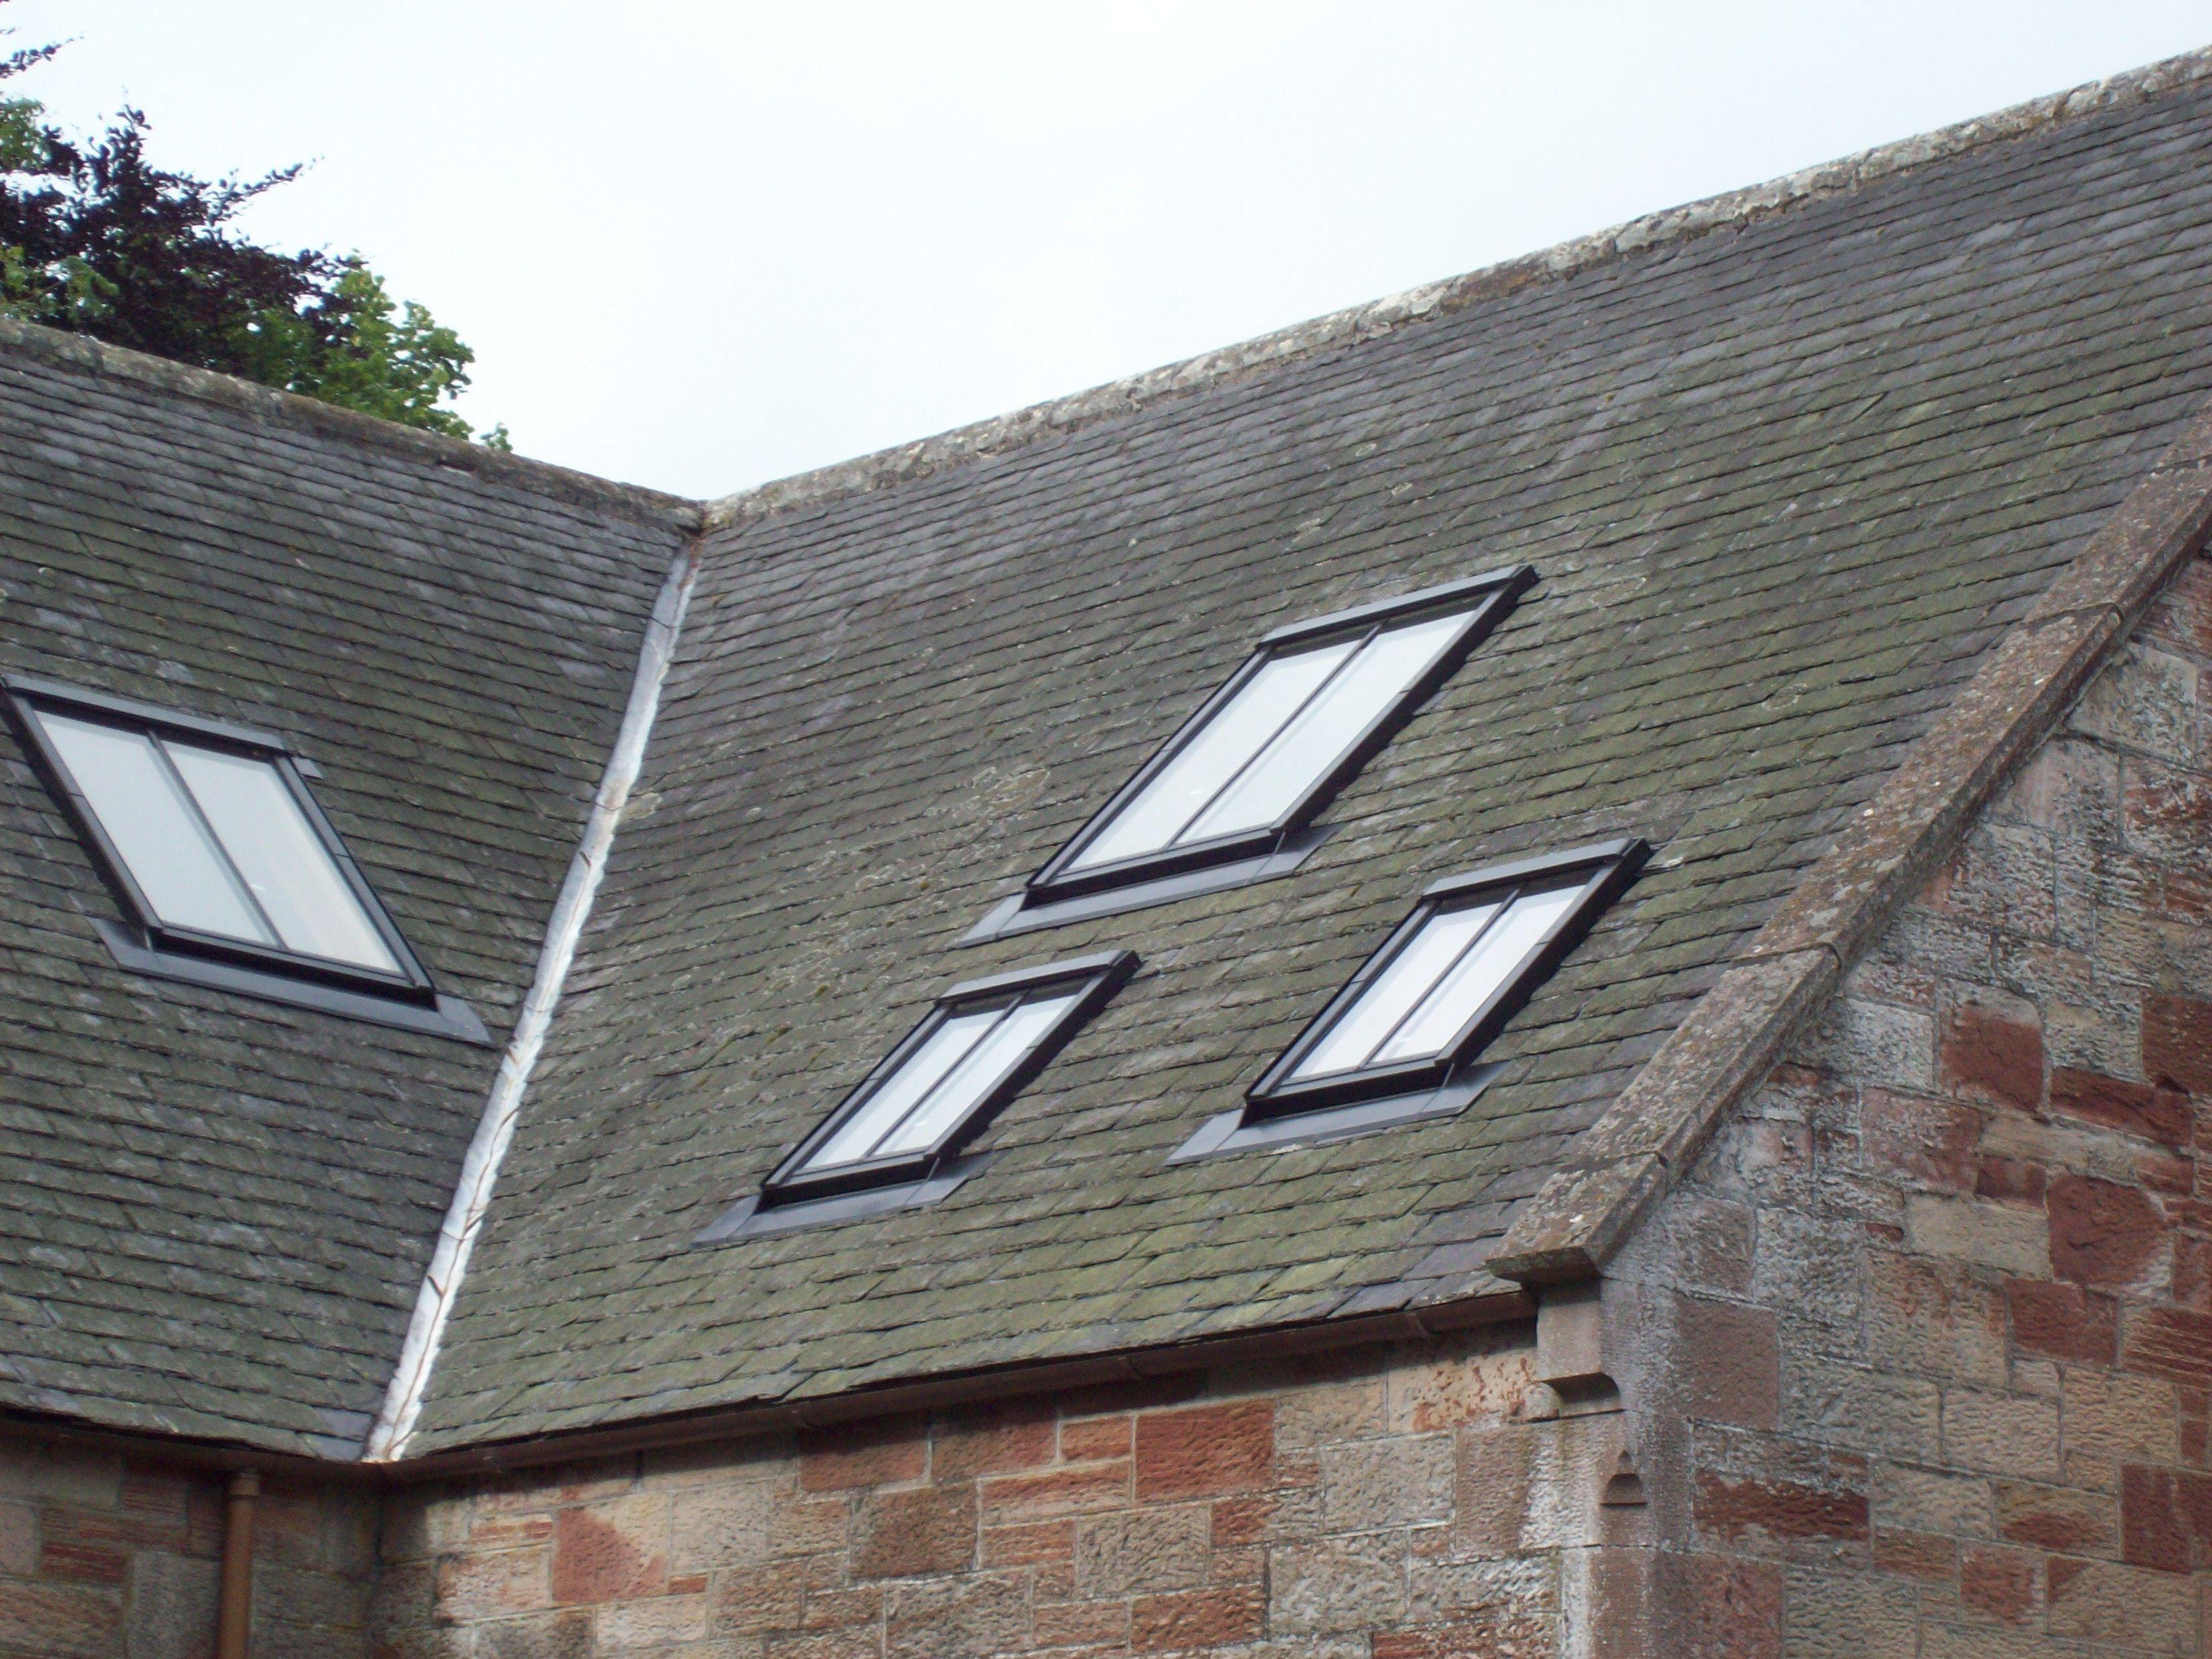 fakro design idea. FAKRO Roof Windows | Electric, Manual, Conservation, Fix Fakro Design Idea